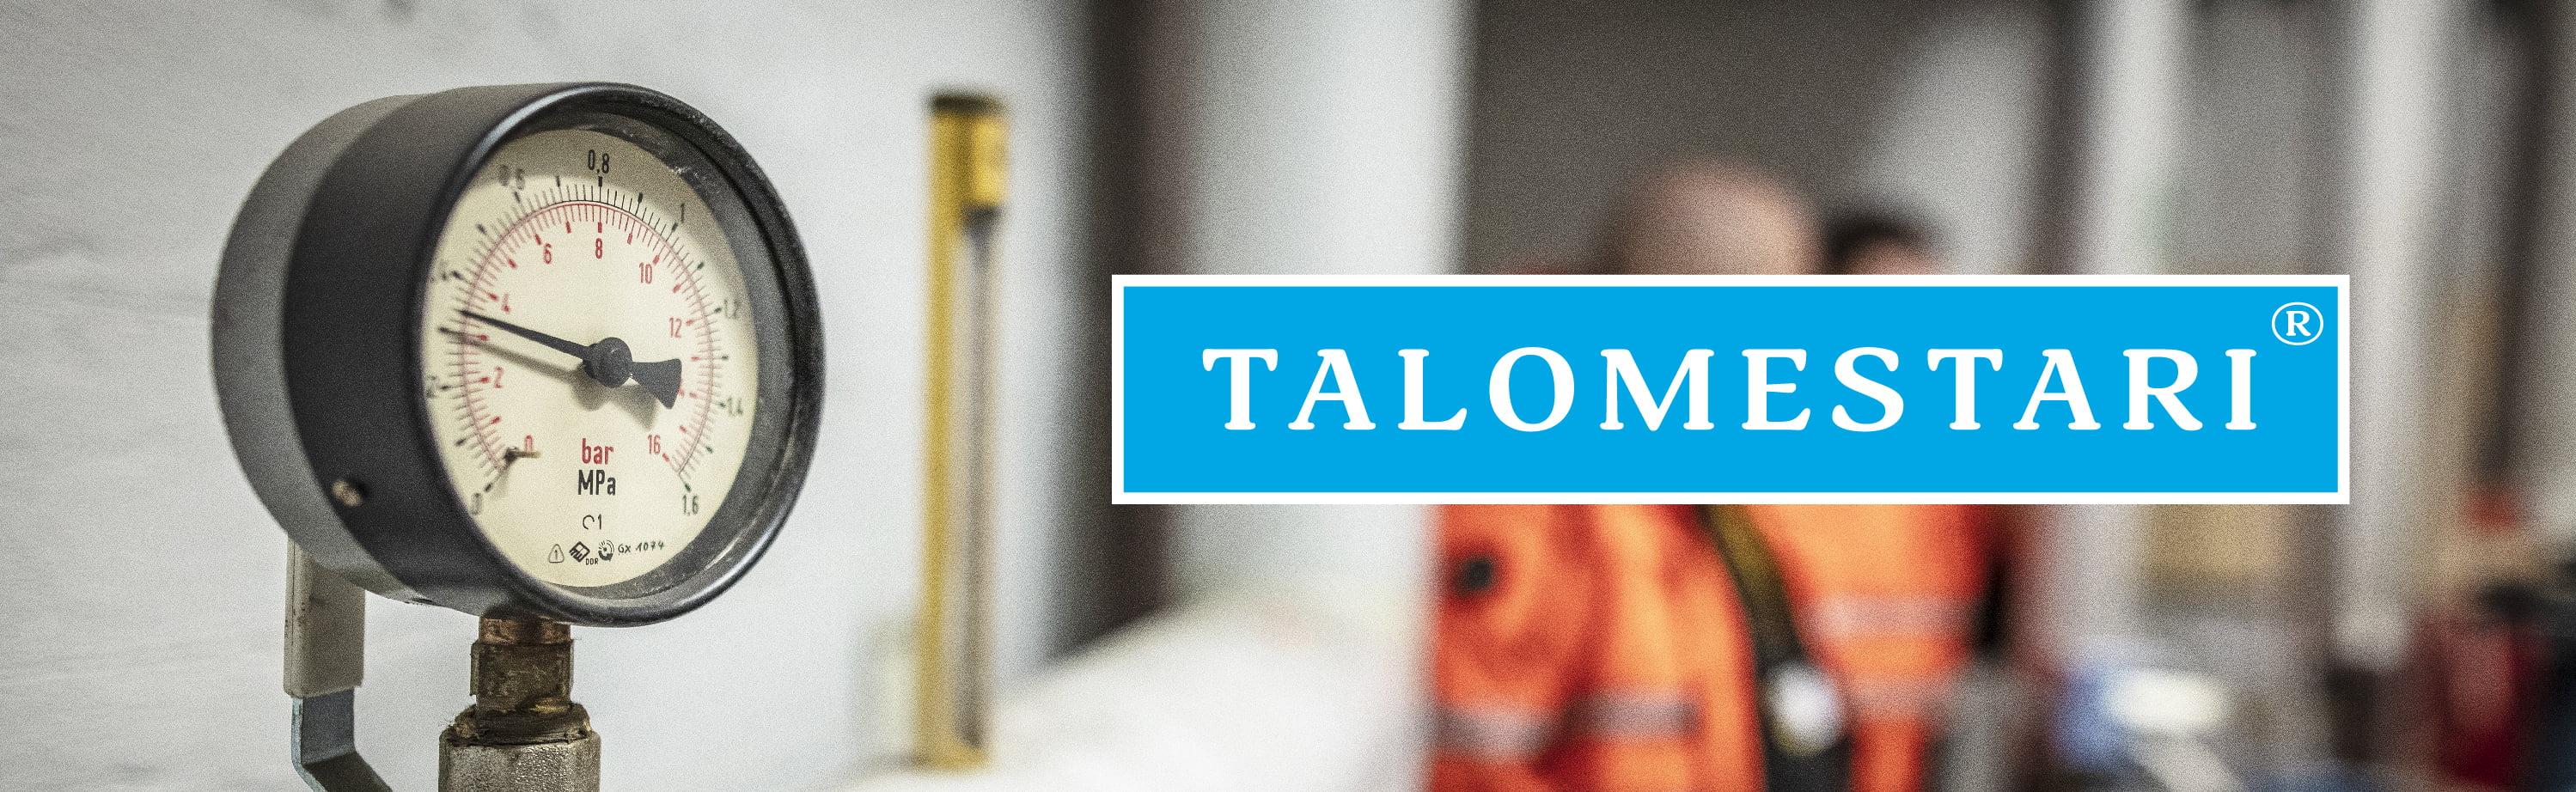 Talomestari